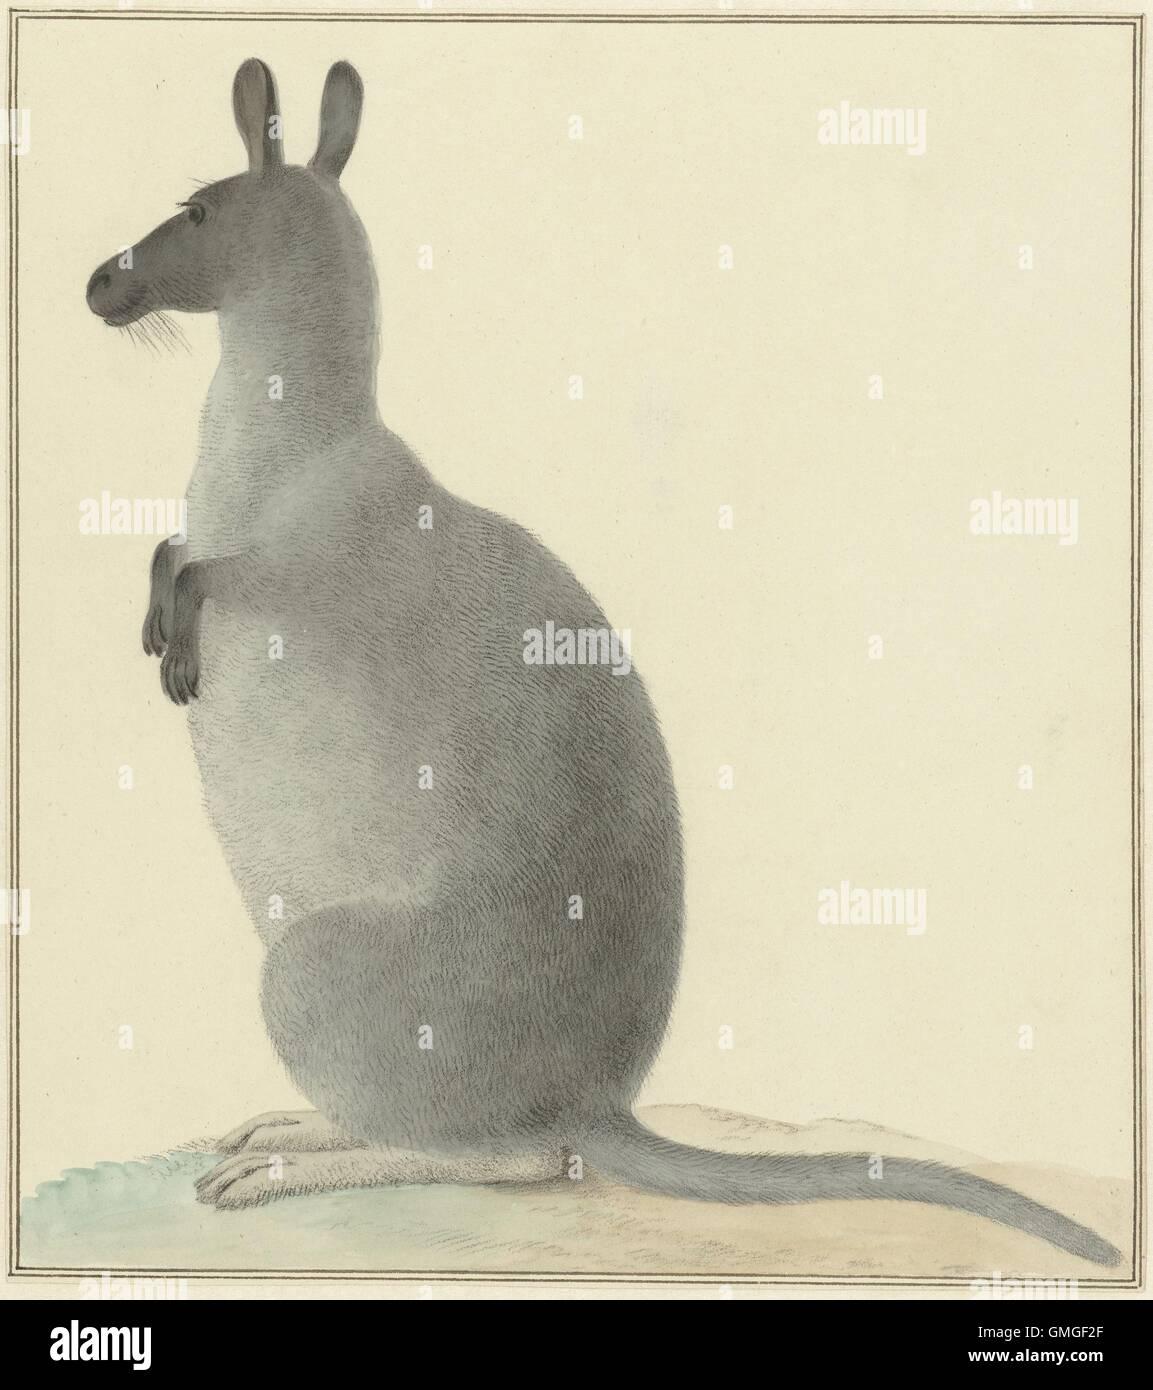 Kangaroo, by Isaac van Haastert, c. 1788-1830, Dutch painting, watercolor on paper. Van Haastert was a draftsman - Stock Image